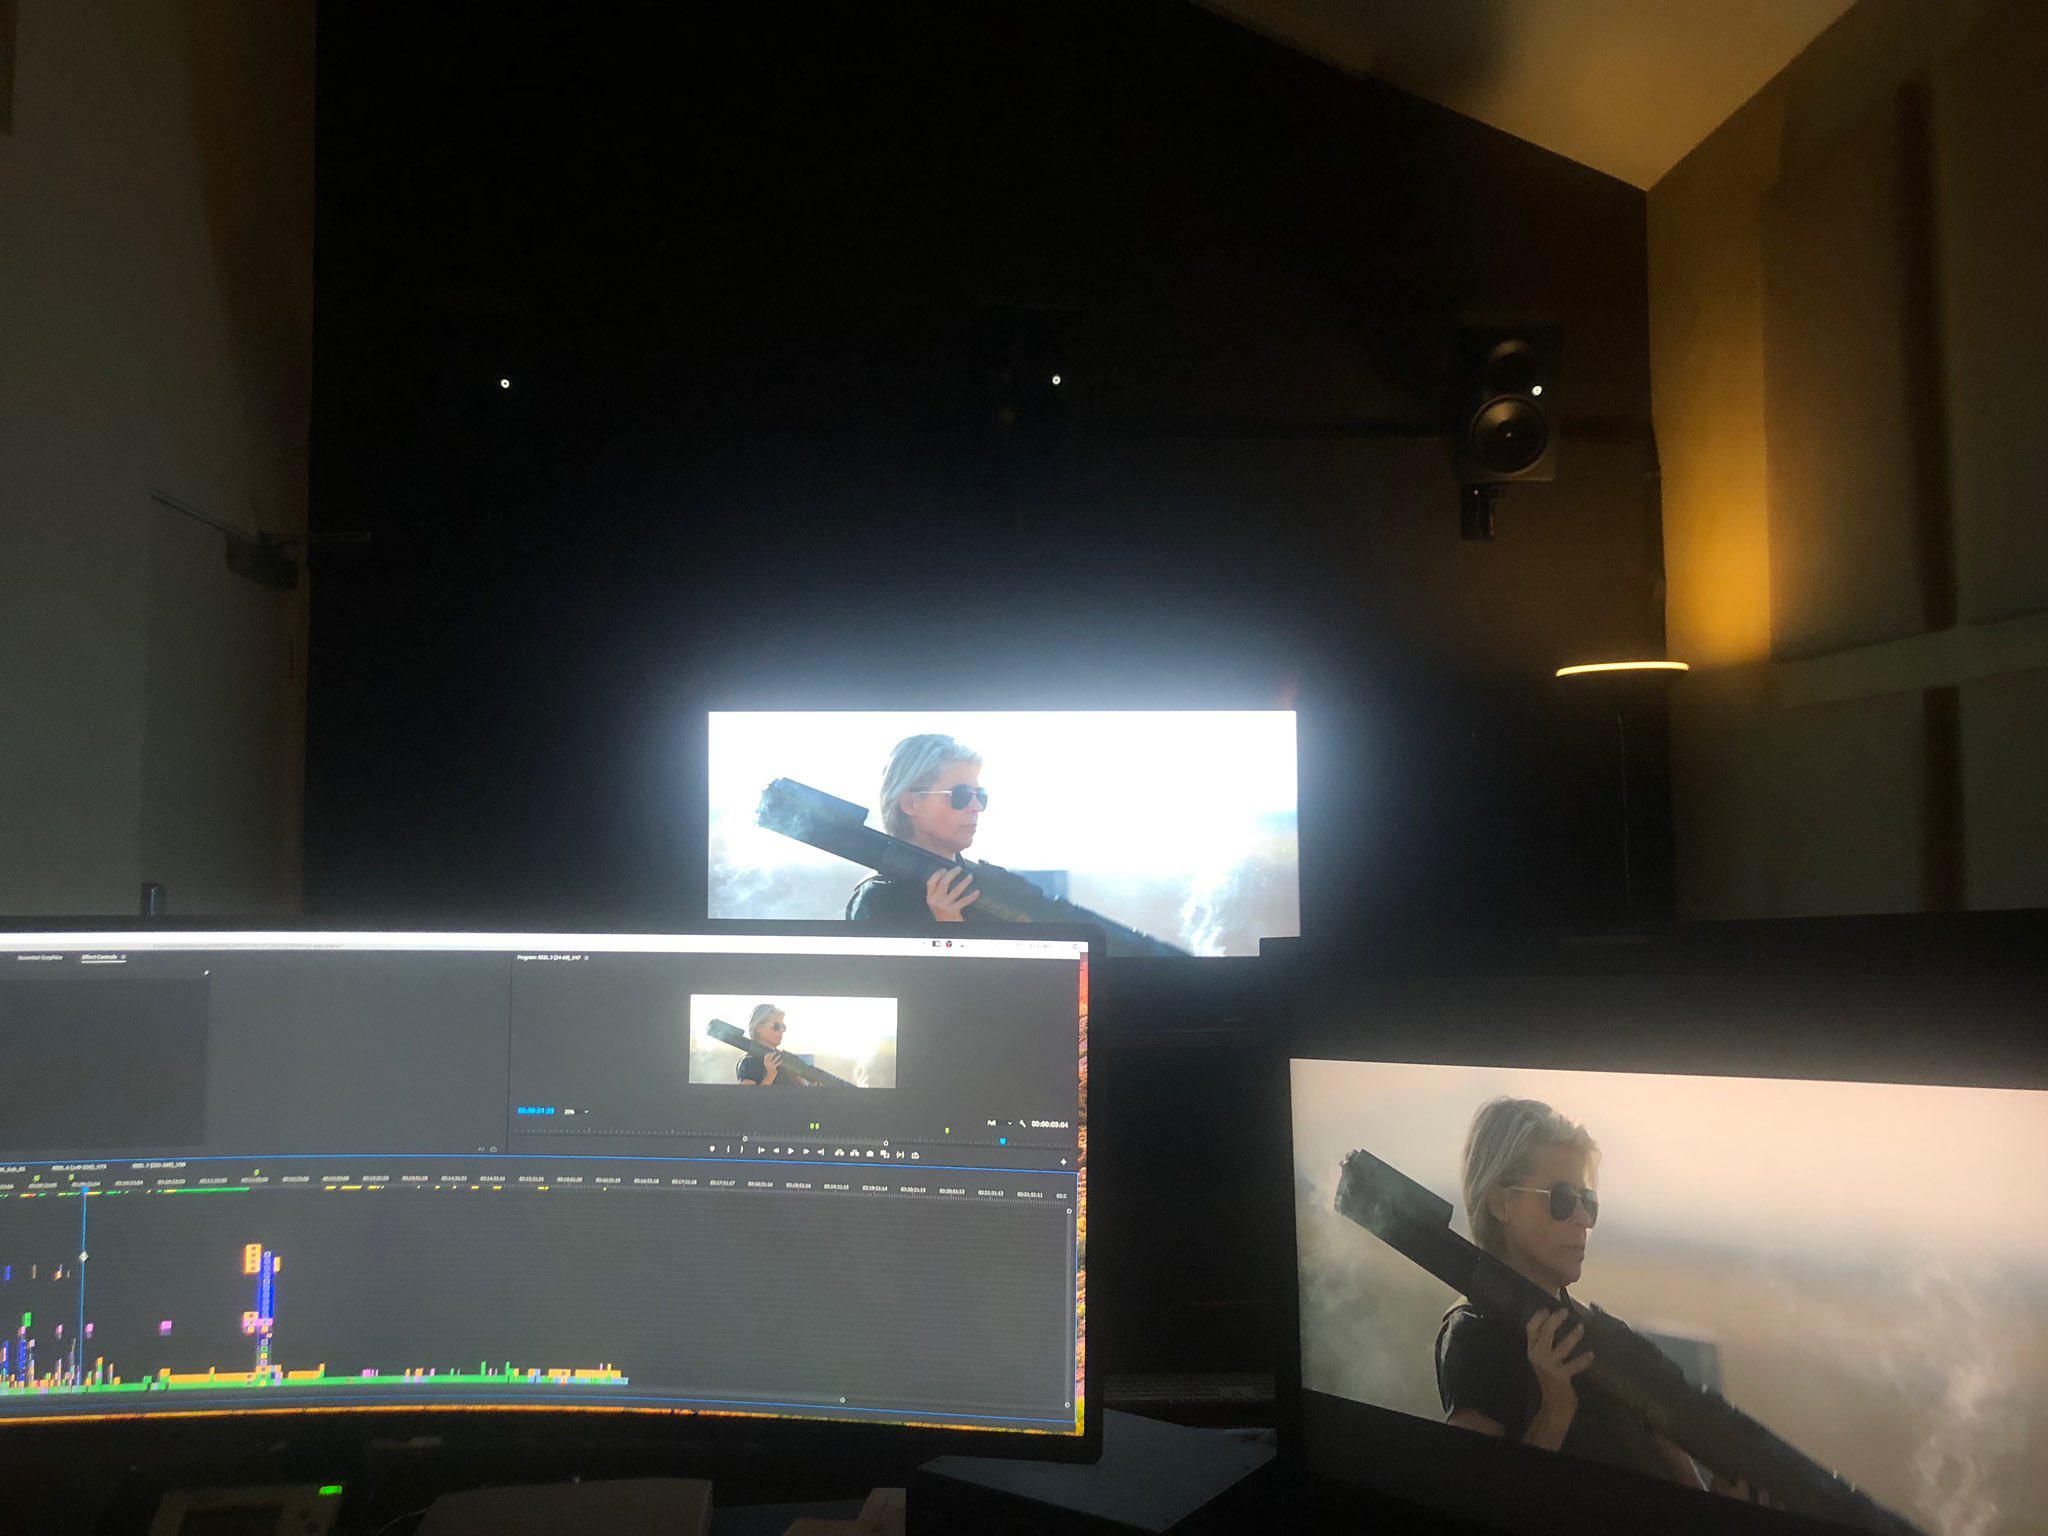 《终结者6》曝光幕后照 女主角举火箭筒威风凛凛